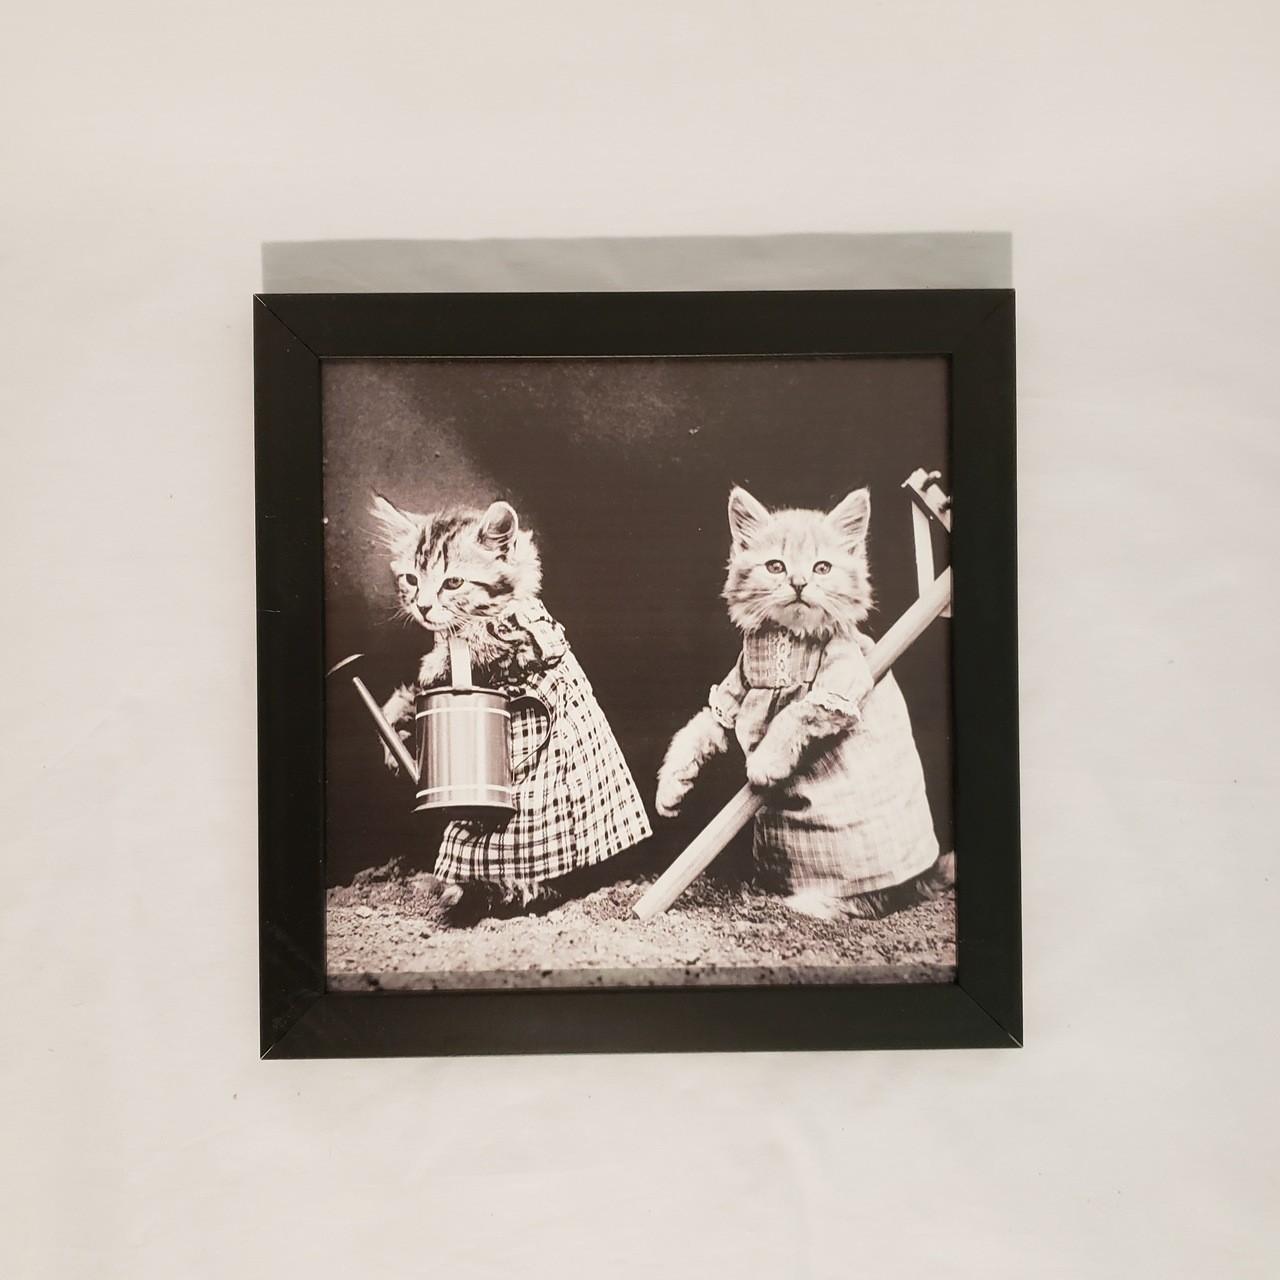 Quadro dois gatinhos